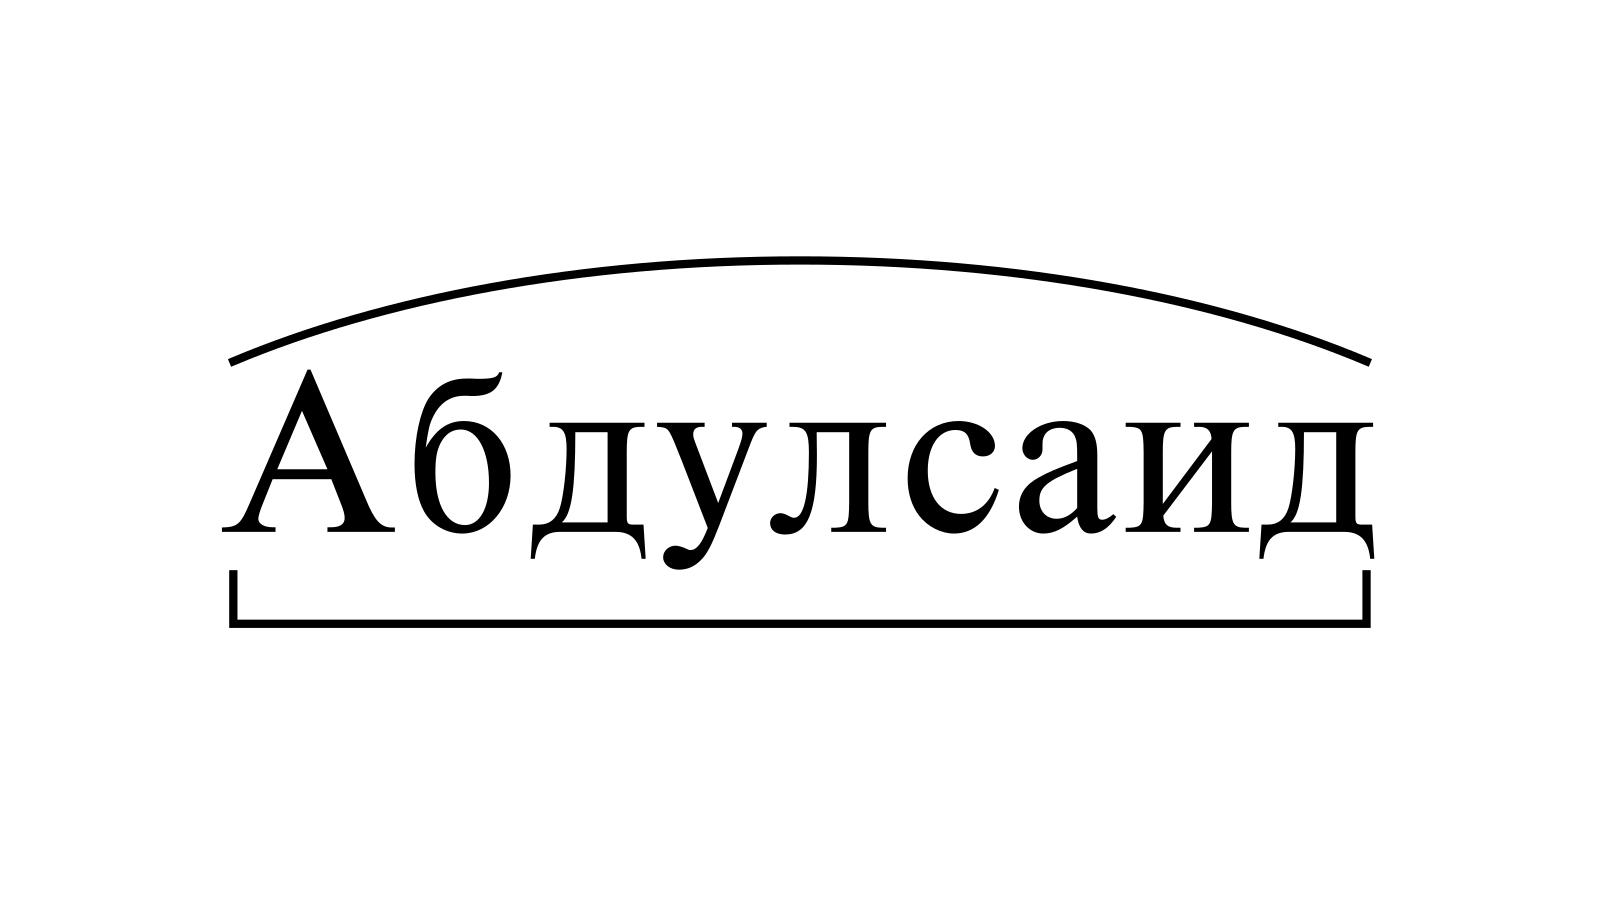 Разбор слова «Абдулсаид» по составу